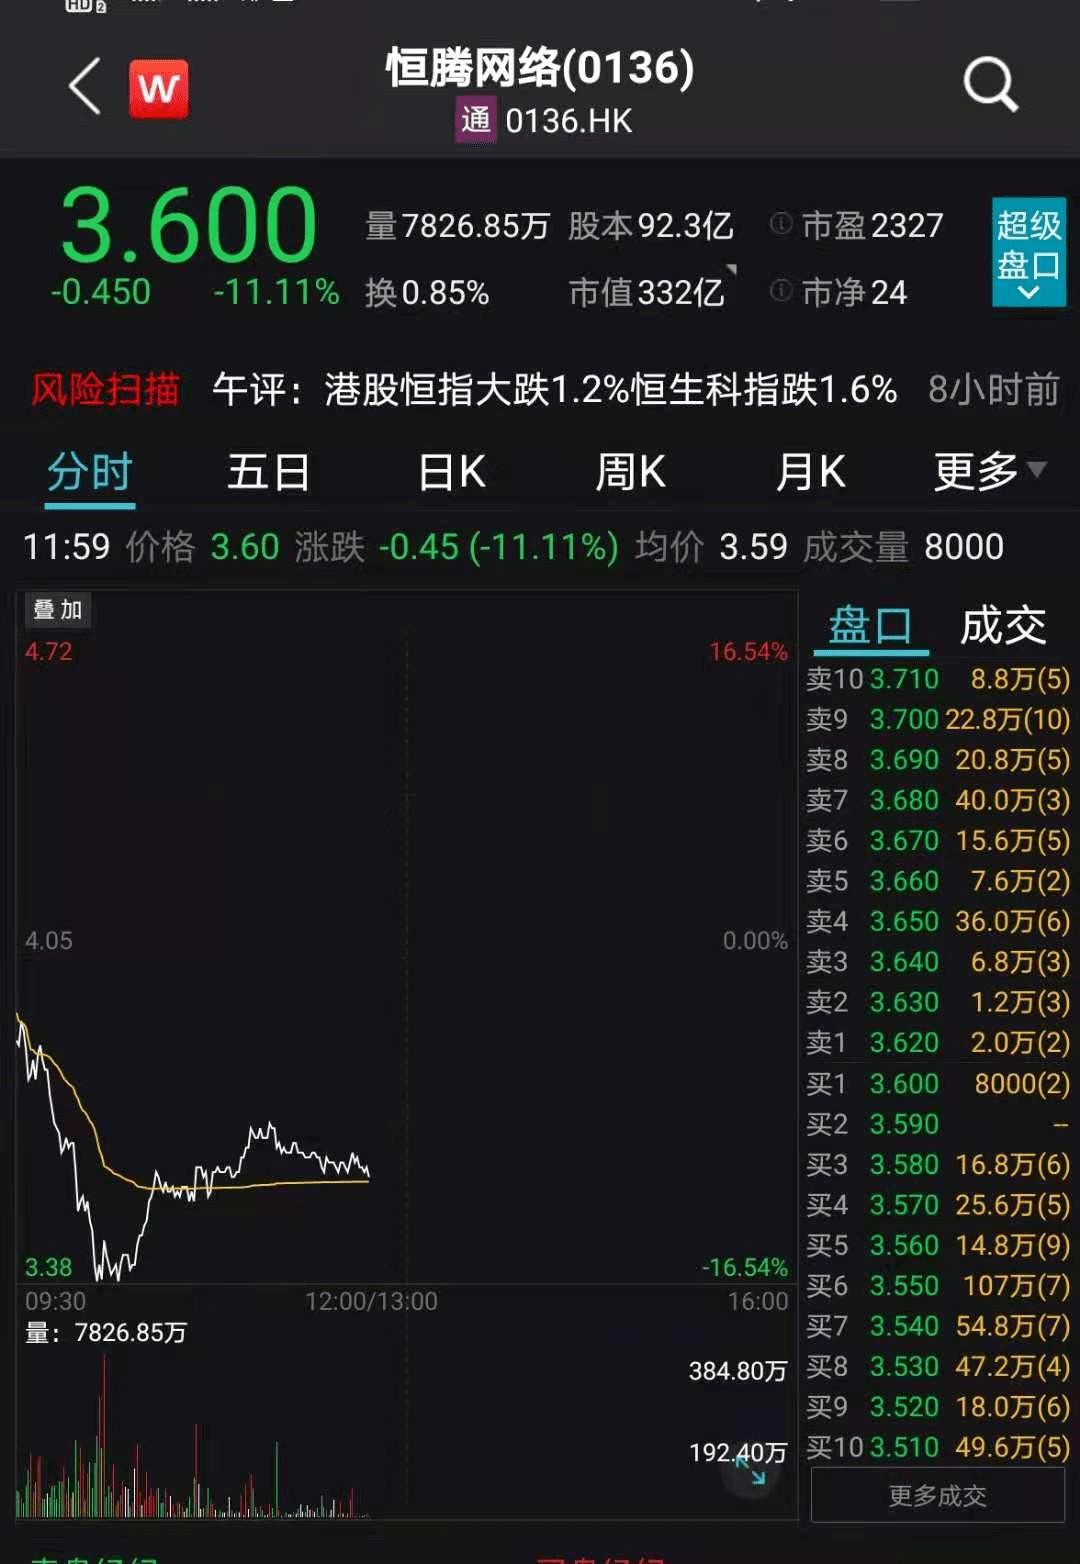 大牛证券 港股能源汽车股地产股大跌:中石油跌超5%,中国恒大大跌14%